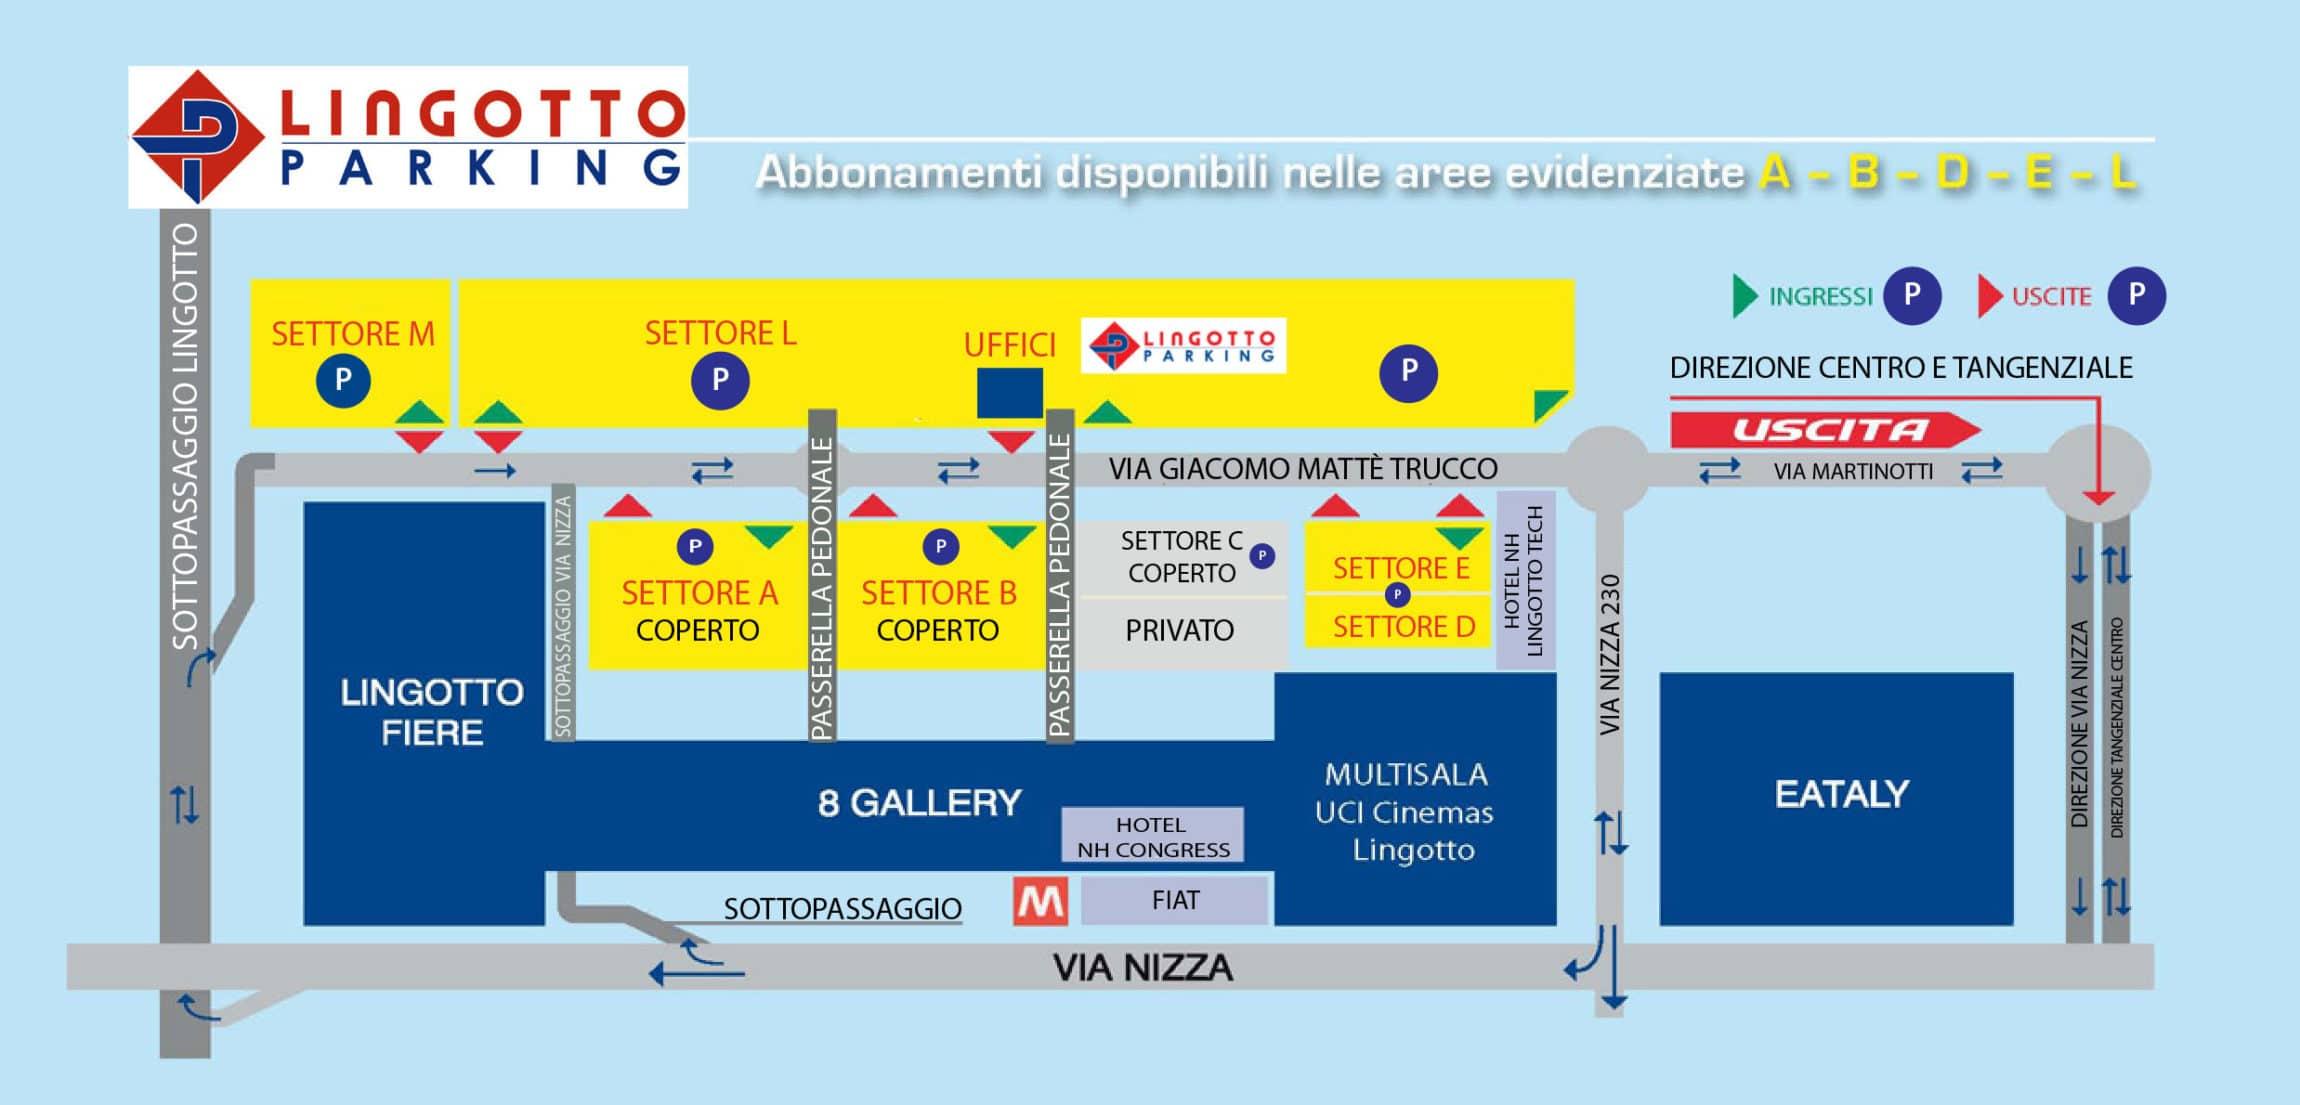 mappa lingotto parking, tariffe parcheggio